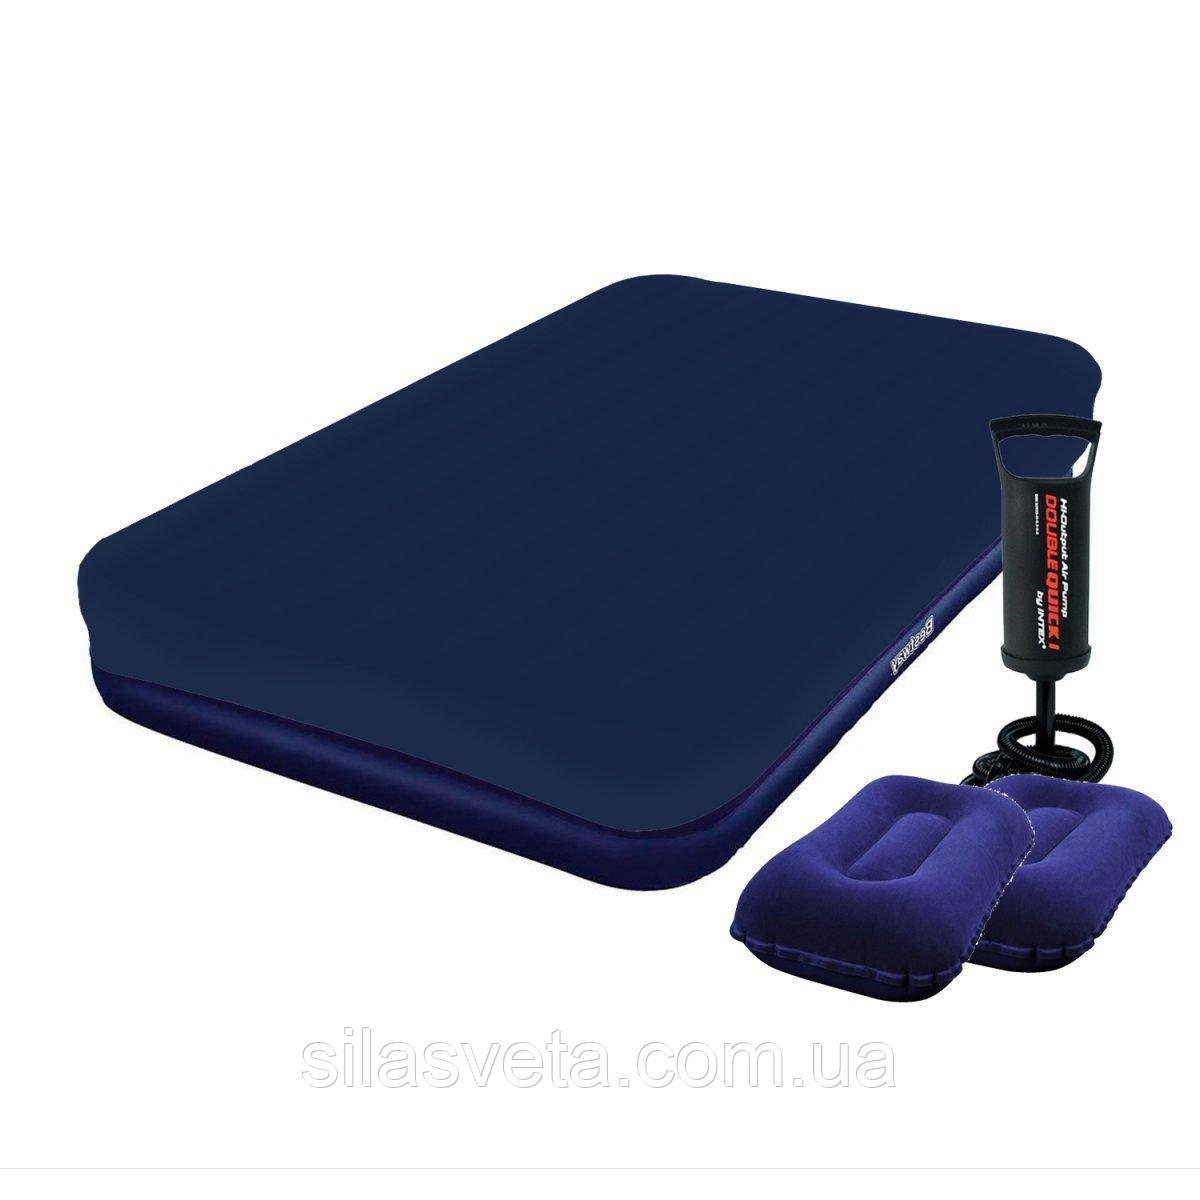 Надувной полуторный матрас Bestway 67002-2 (183х203х22 см.) + 2 подушки, наматрасник и ручной насос.